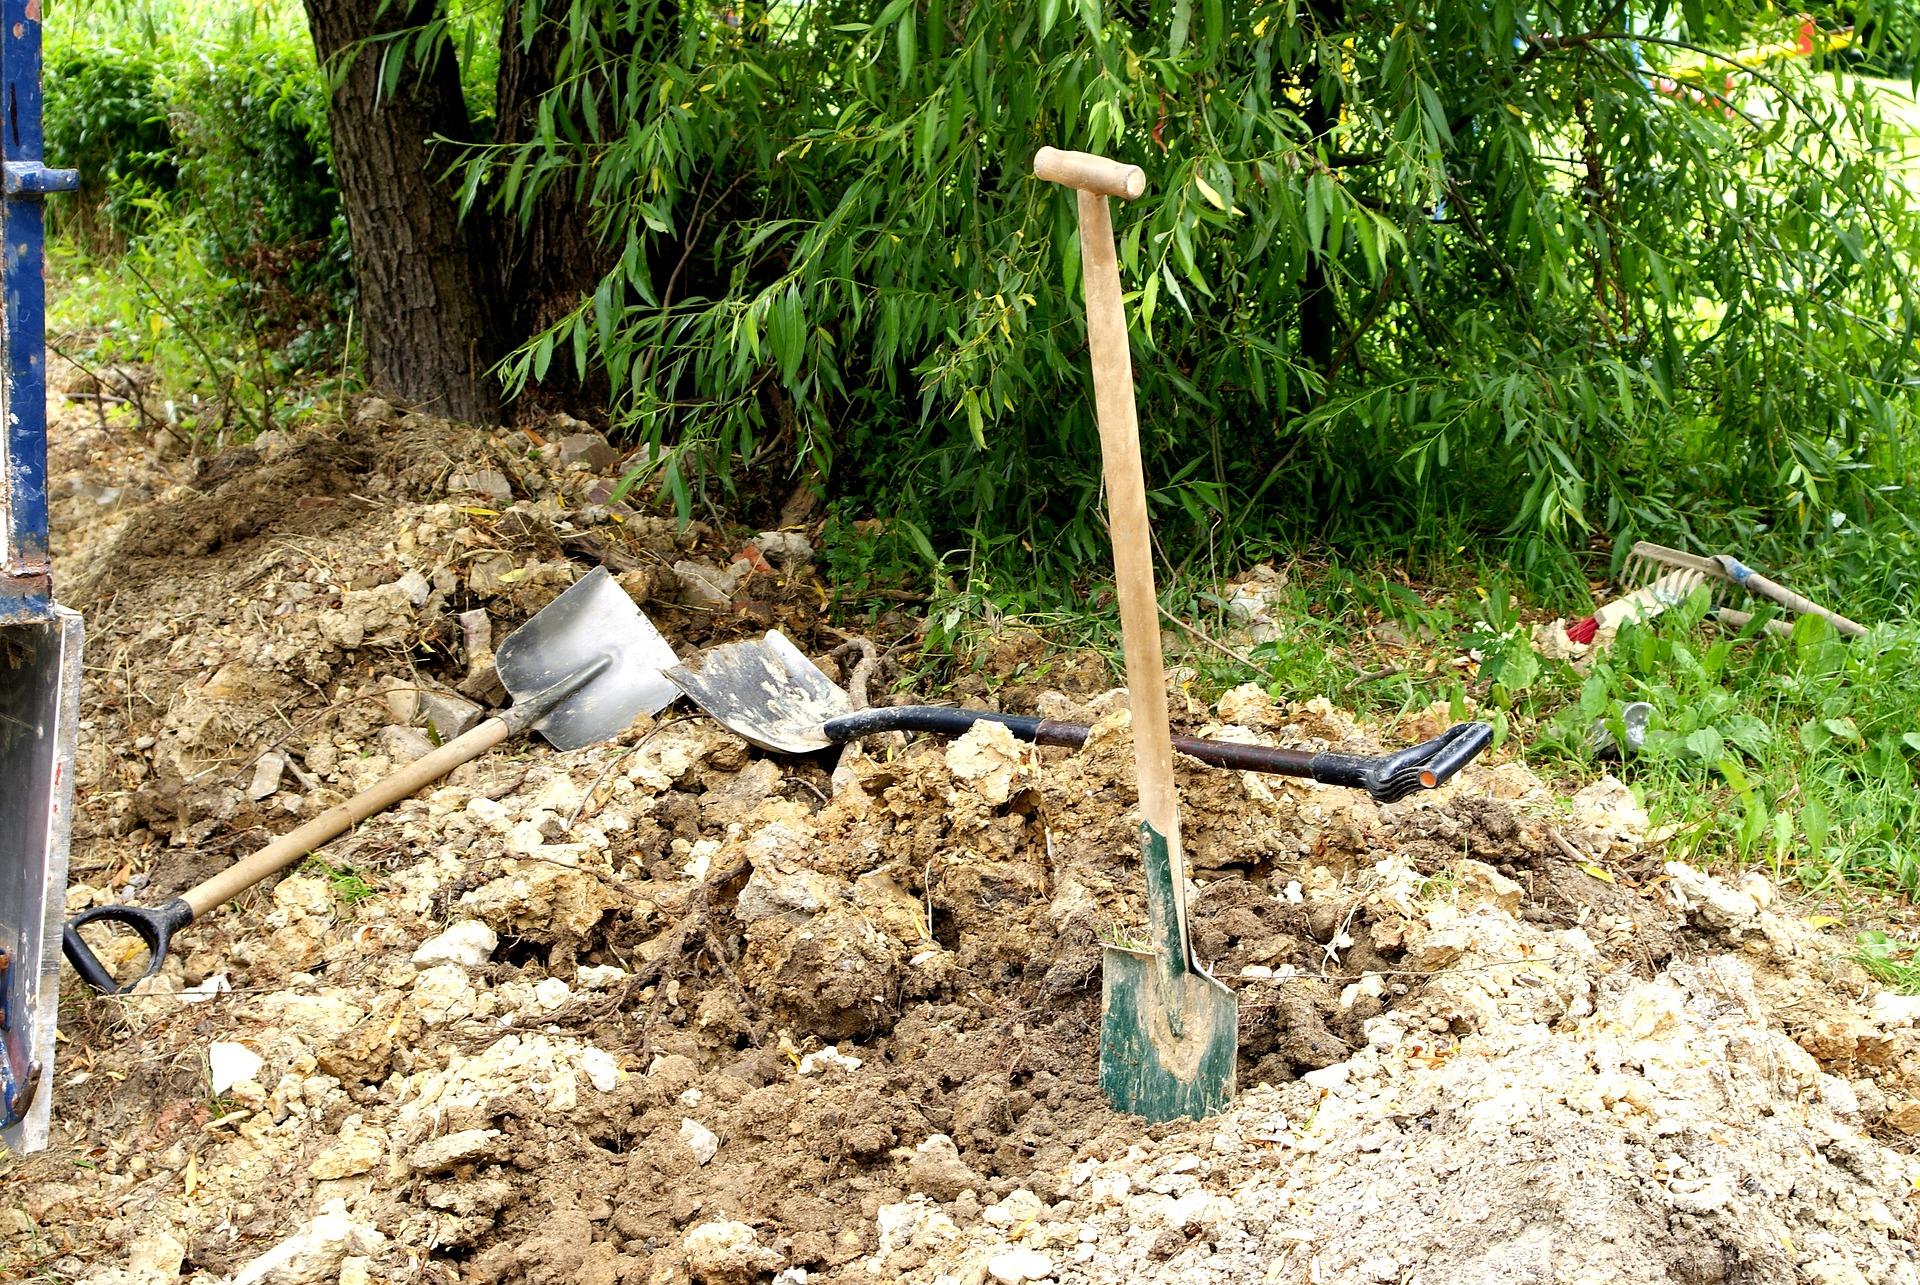 shovels-1690786_1920.jpg